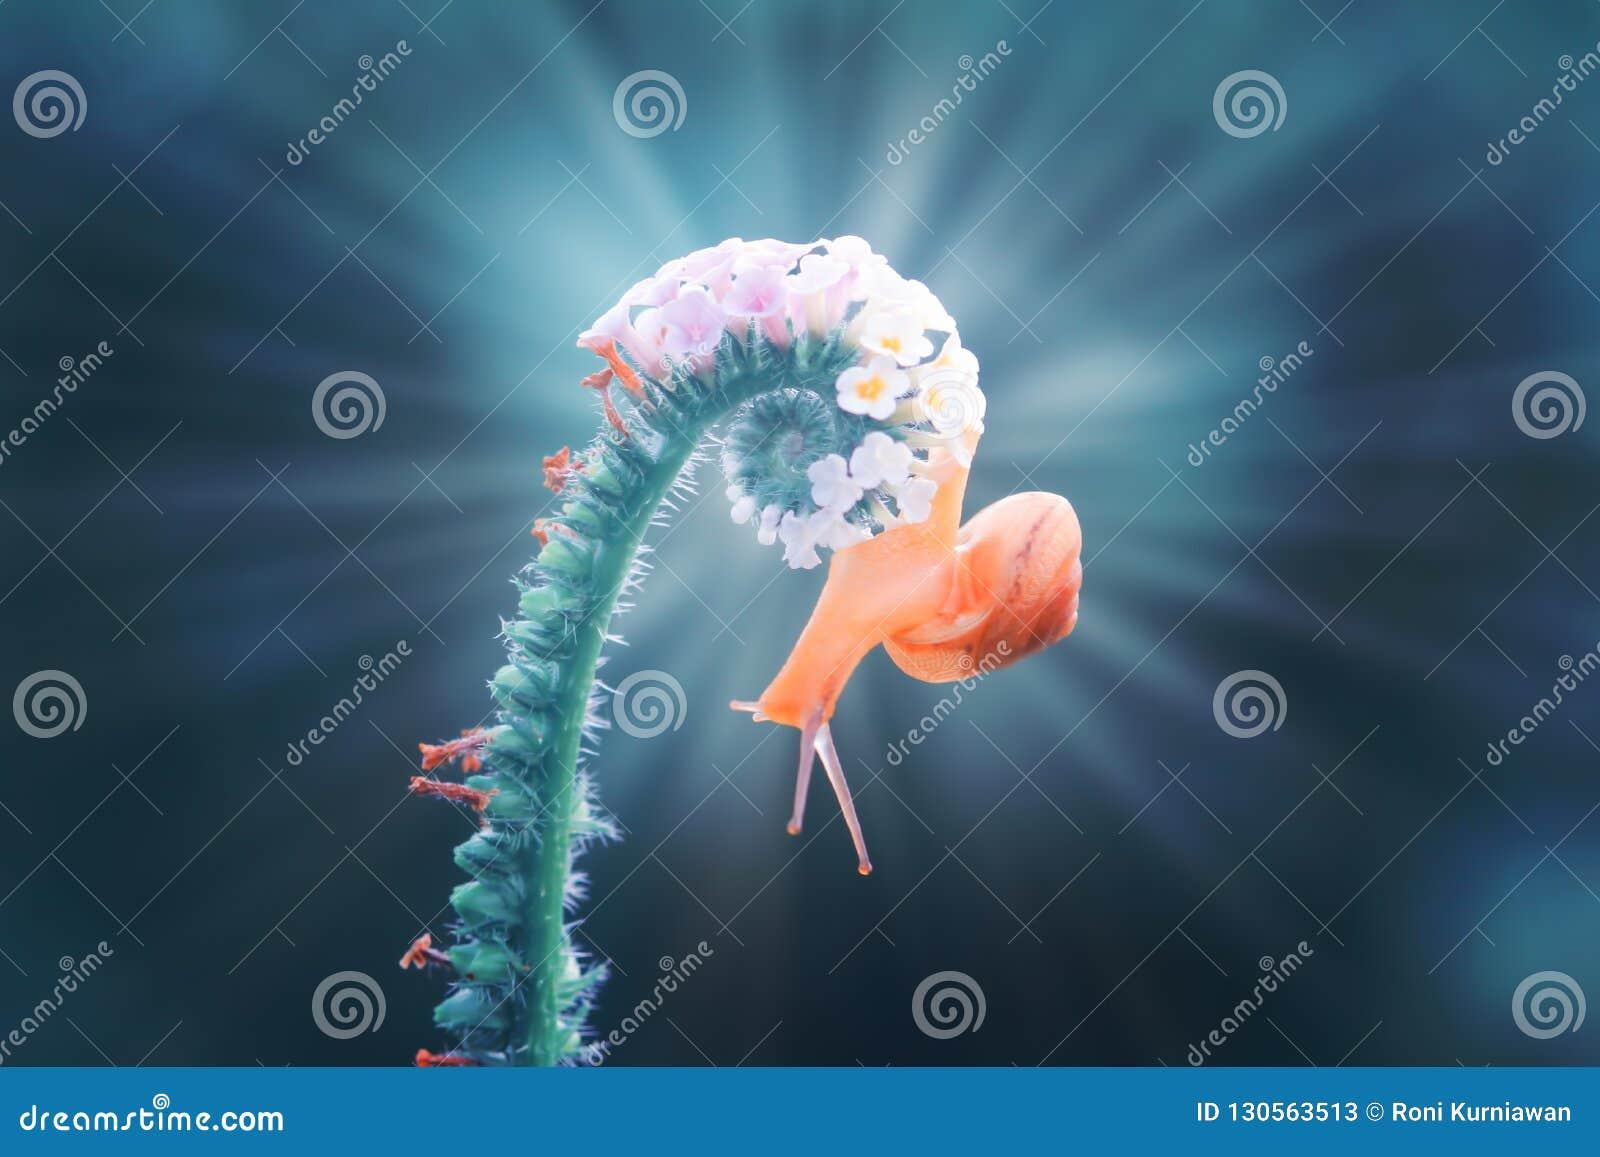 Schnecken, Schnecken in den Blumen mit einem blauen Hintergrund